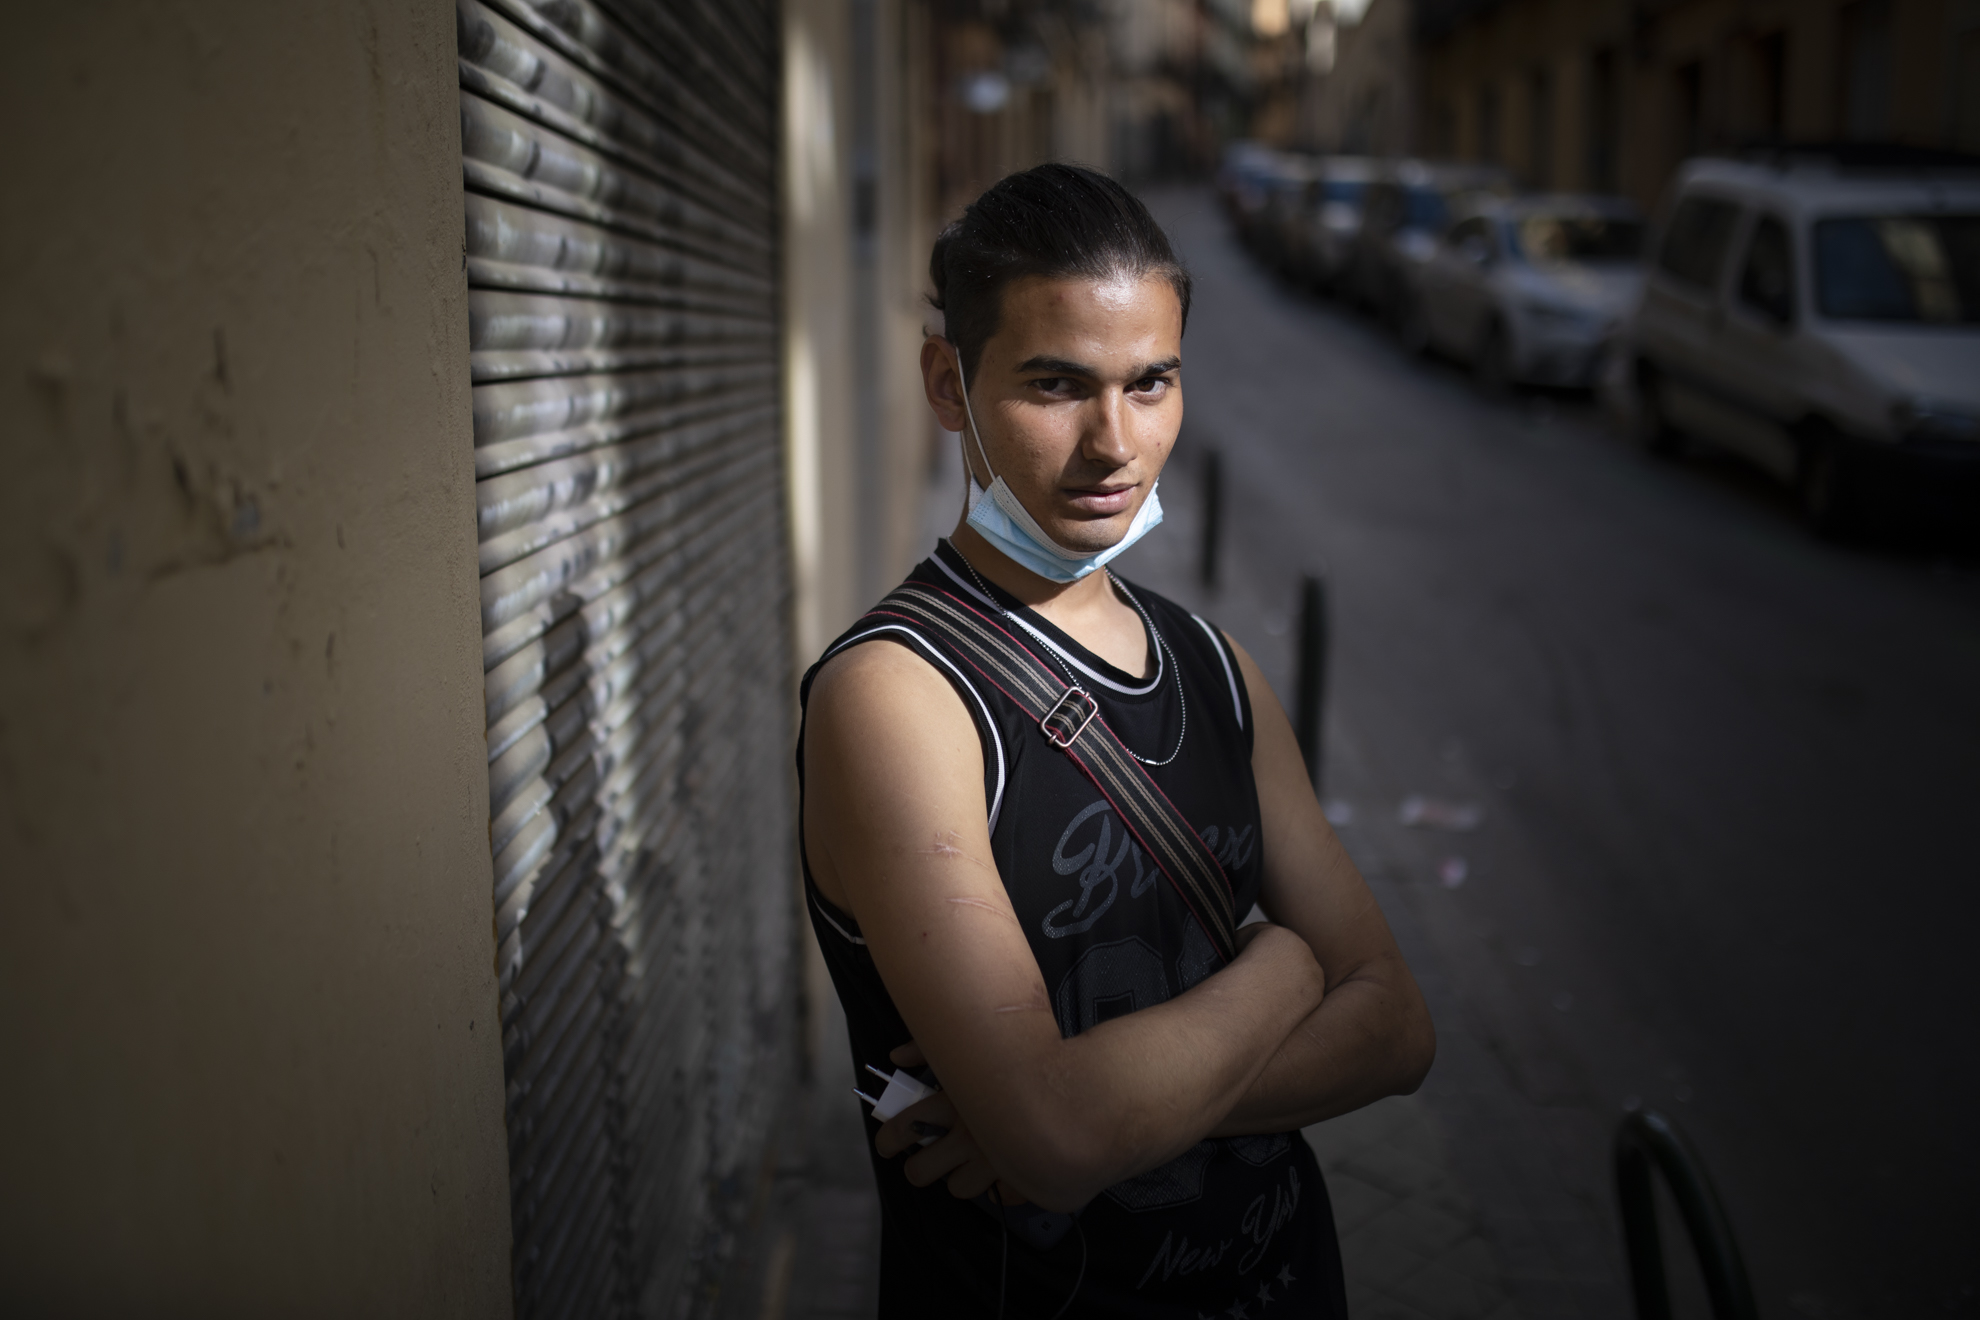 """Younes Baiz (20) llegó a España en la bodega de un barco procedente de Tánger, viajaba como polizón. Fue en 2014, y por aquel entonces era menor de edad. A su llegada a Cádiz, la policía lo descubrió y lo trasladó a un CIE. Cuando cumplió 18 encontró trabajo en un asador de pollos y arregló sus papeles. """"Tenía dinero en el banco, vestía bien, vivía bien"""", cuenta. Pero decidió mudarse a Madrid el verano pasado, y aquí no consiguió nada. Ahora está en la calle. Todos los días camina desde el barrio del Pozo hasta Lavapiés para recoger la comida que le dan en el Teatro del Barrio (ahora reconvertido en banco de alimentos). Younes sólo espera a que levanten las restricciones a causa del Covid-19 para irse de esta ciudad. """"A un sitio con campo, para poder trabajar la tierra, ganar dinero y volver a Marruecos con la cabeza alta"""", dice."""